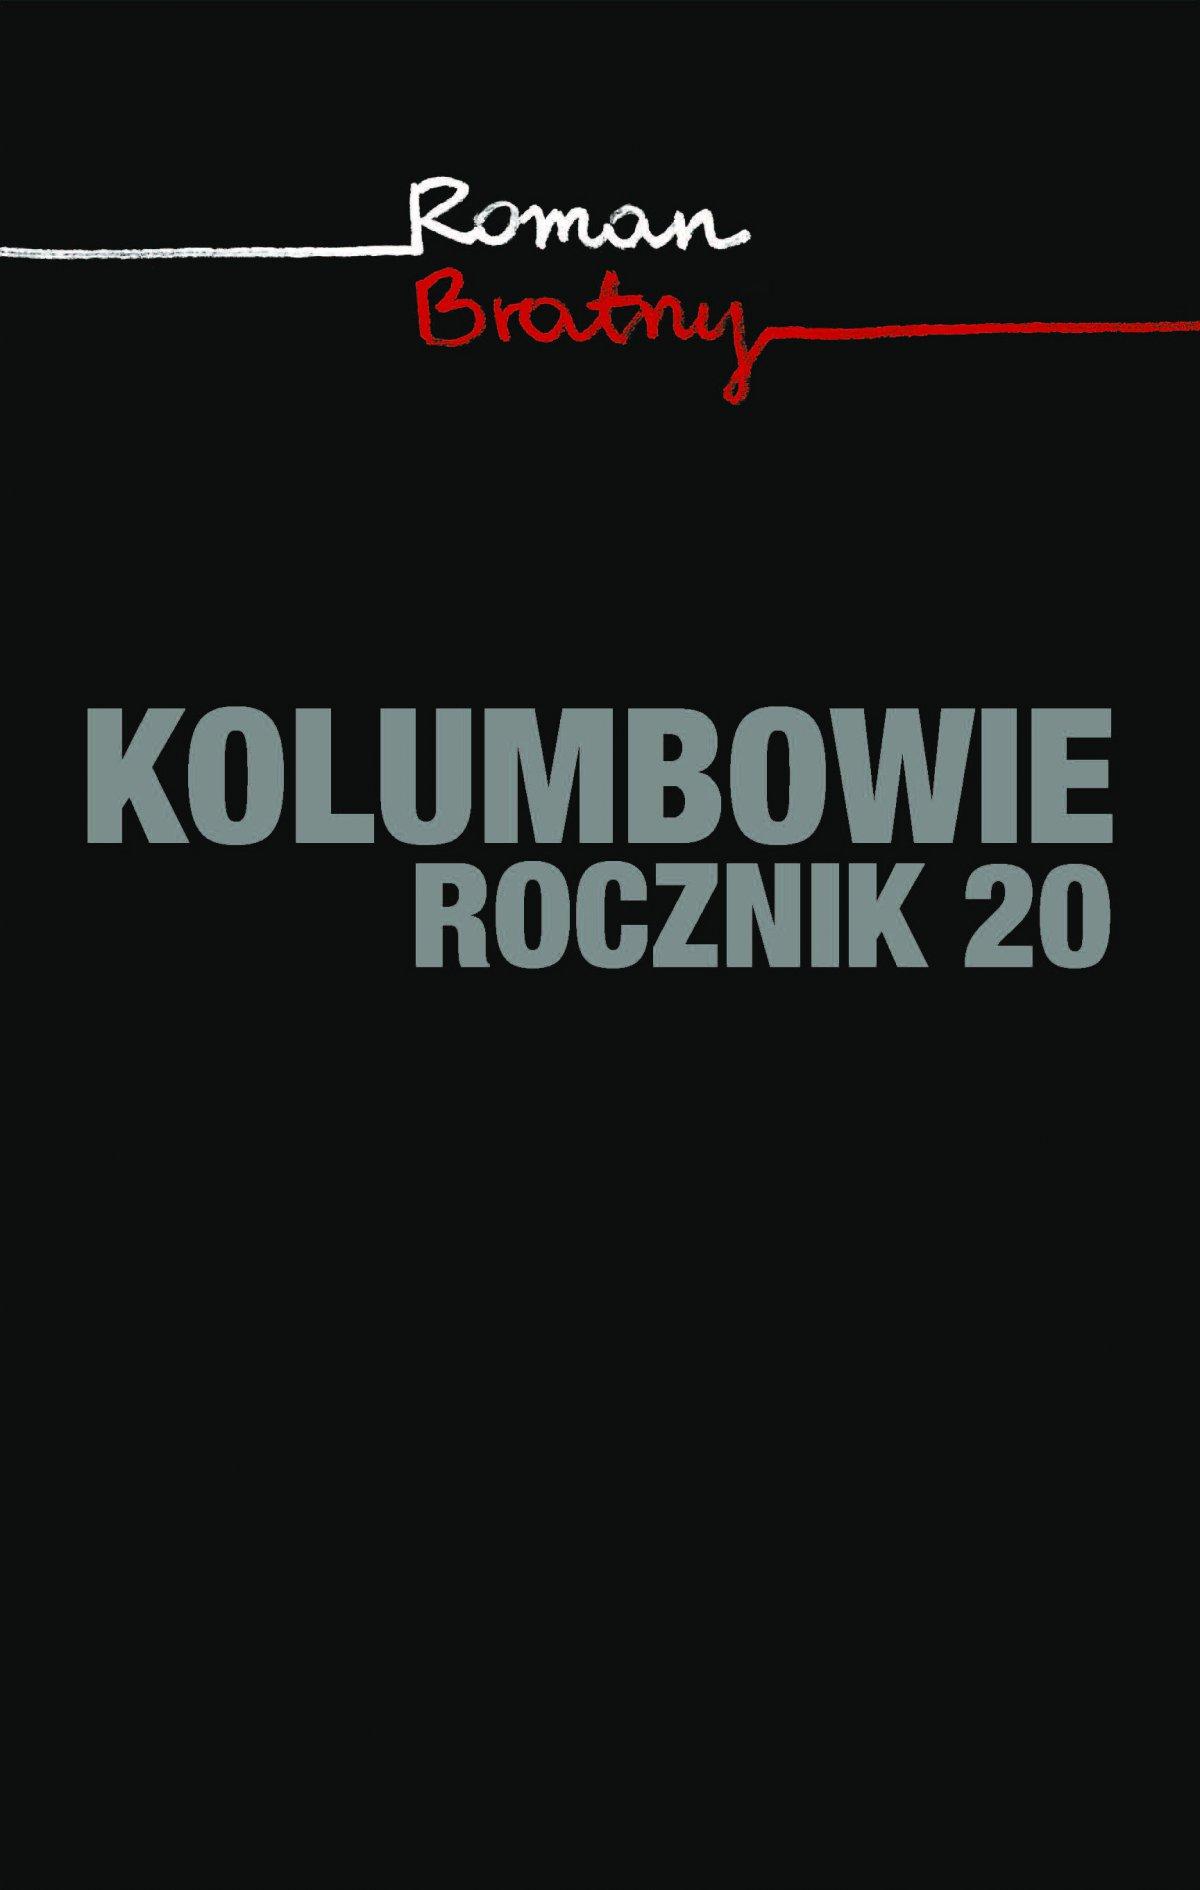 Kolumbowie. Rocznik 20 - Ebook (Książka na Kindle) do pobrania w formacie MOBI